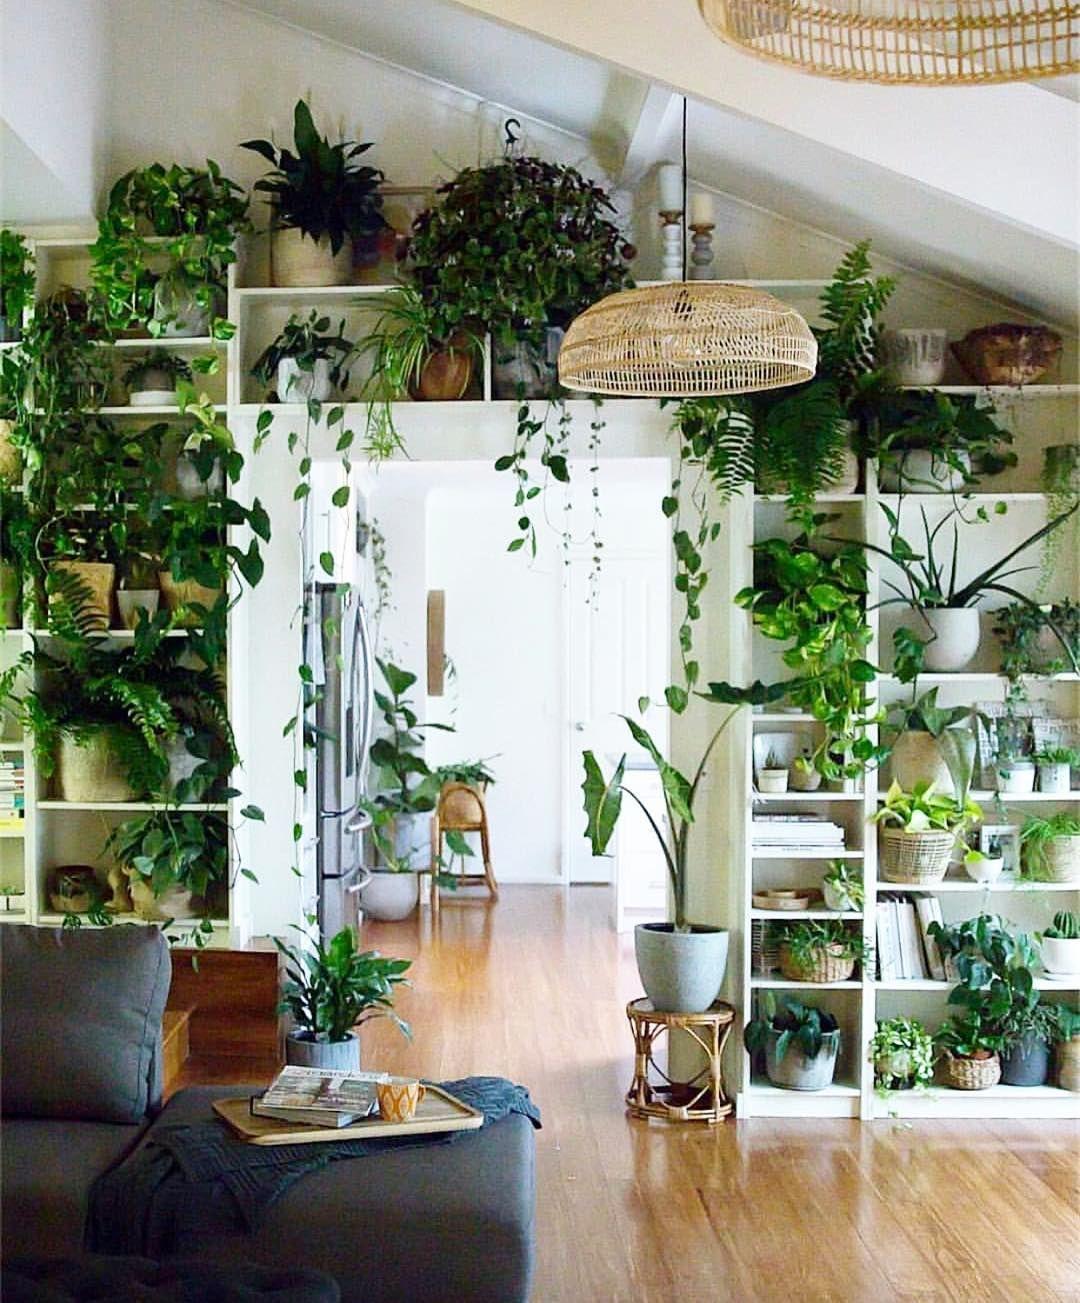 Görüntünün Olası Içeriği: Bitki, Masa Ve Iç Mekan | Ev ... tout Salon De Jardin Sophie